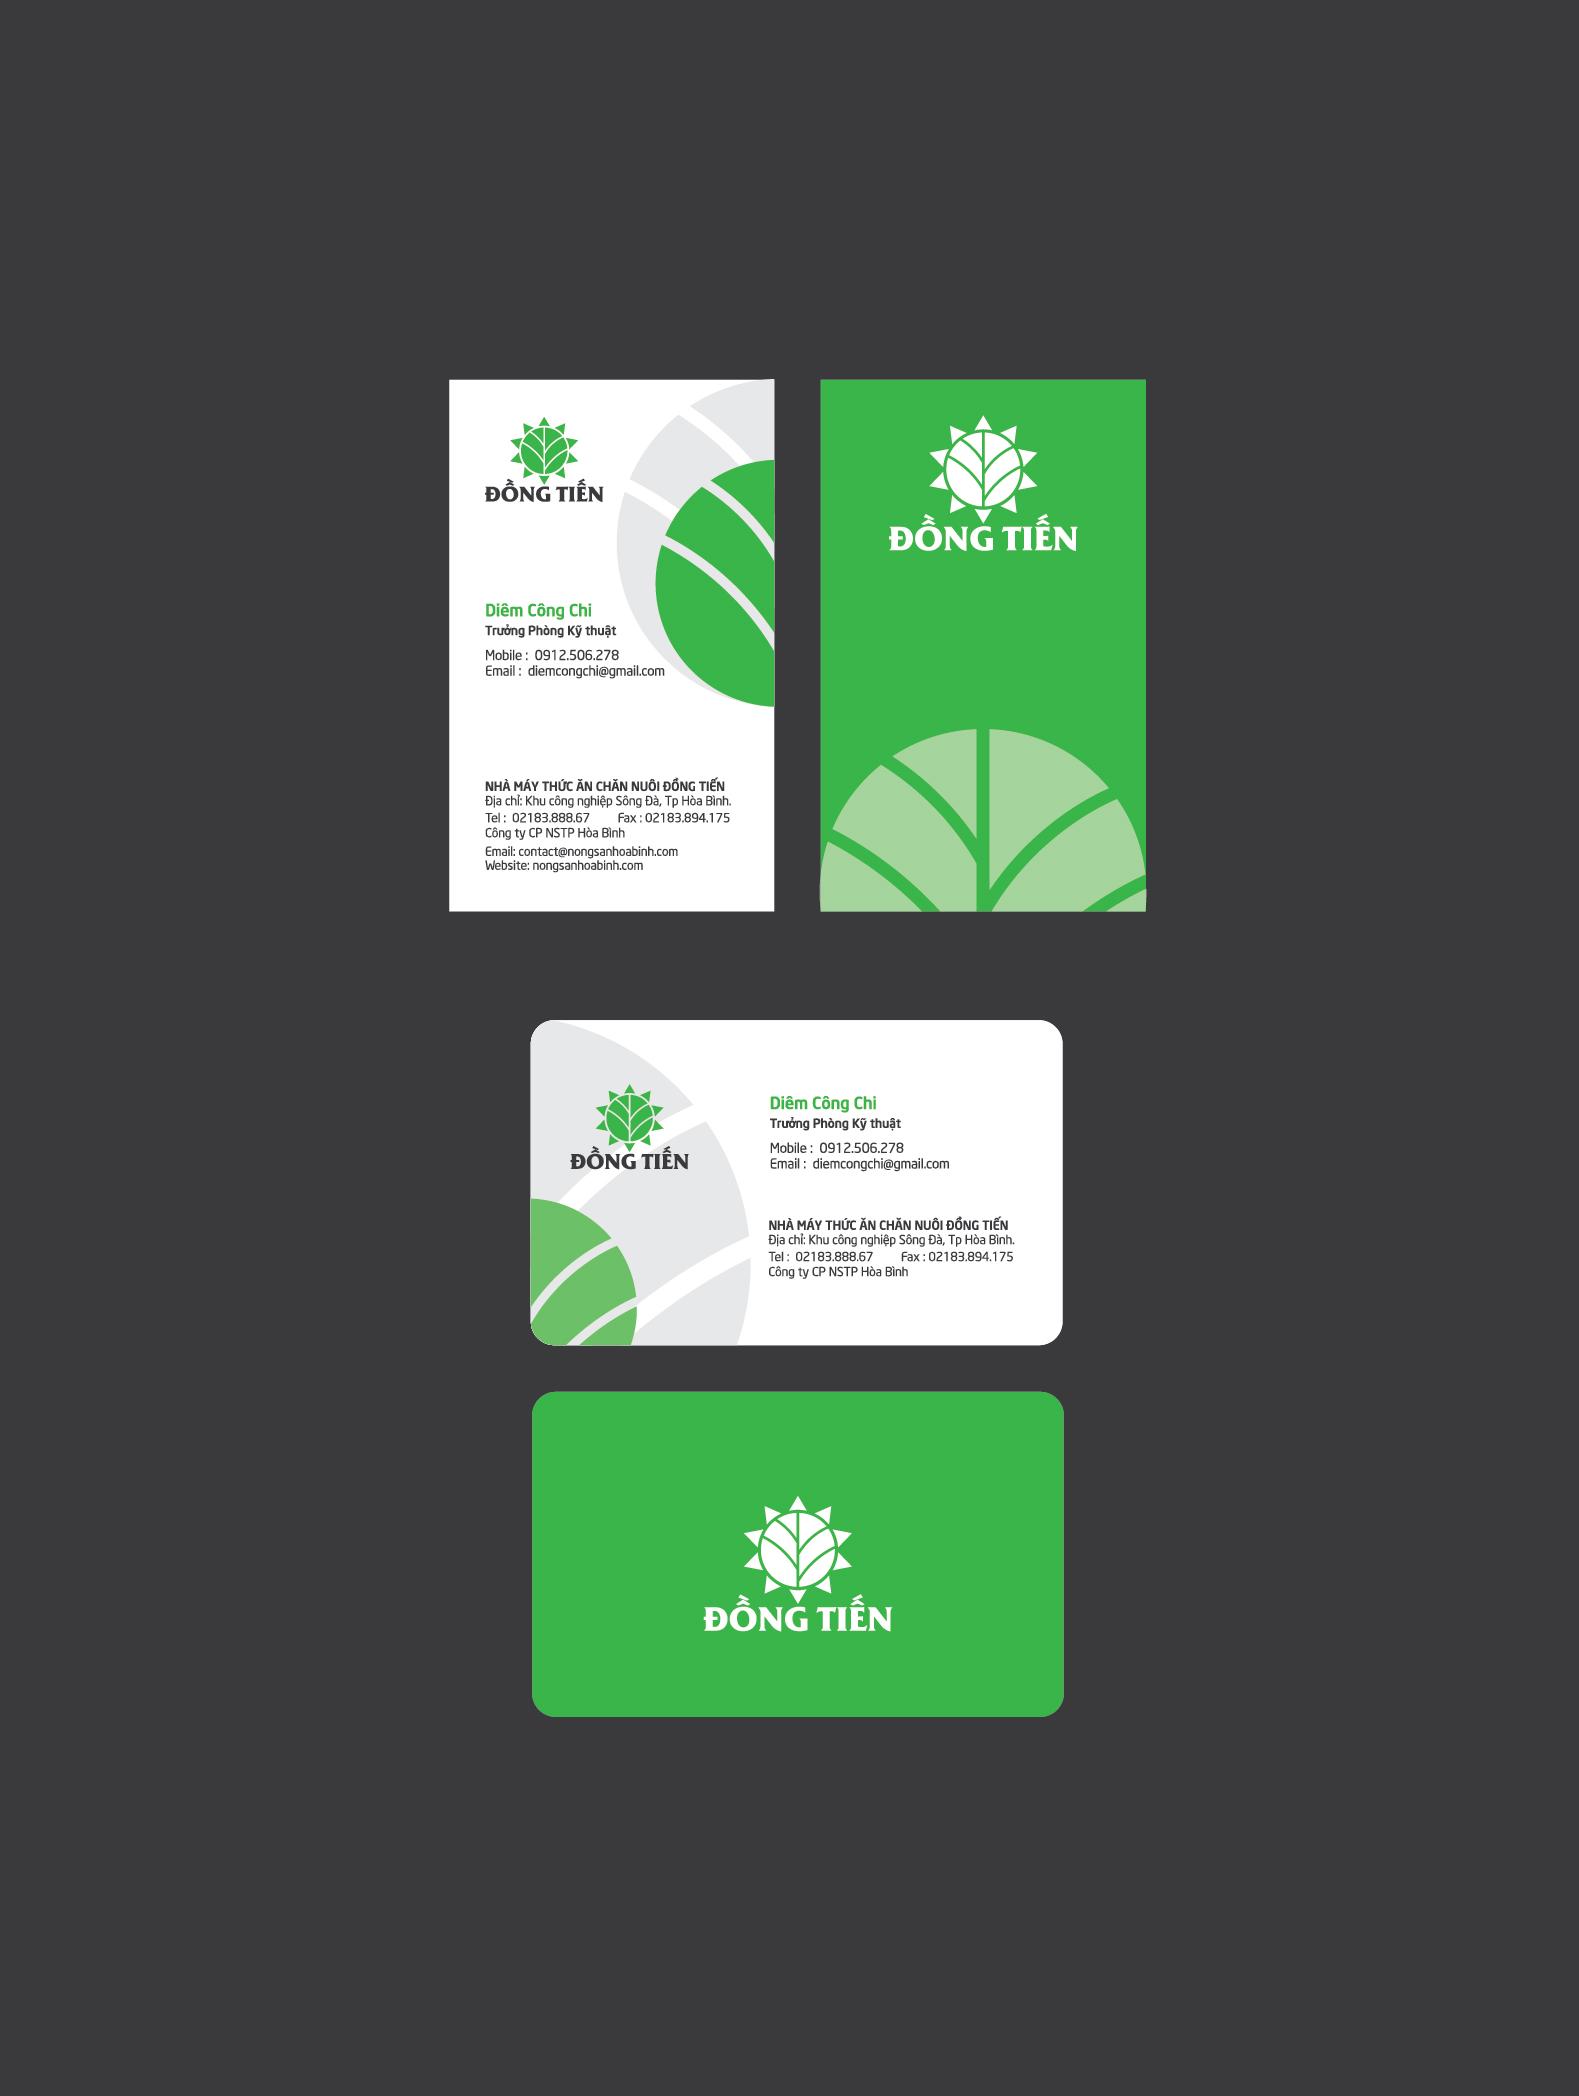 Thiết kế thương hiệu Nhà máy thức ăn chăn nuôi Đồng Tiến tại Hòa Bình